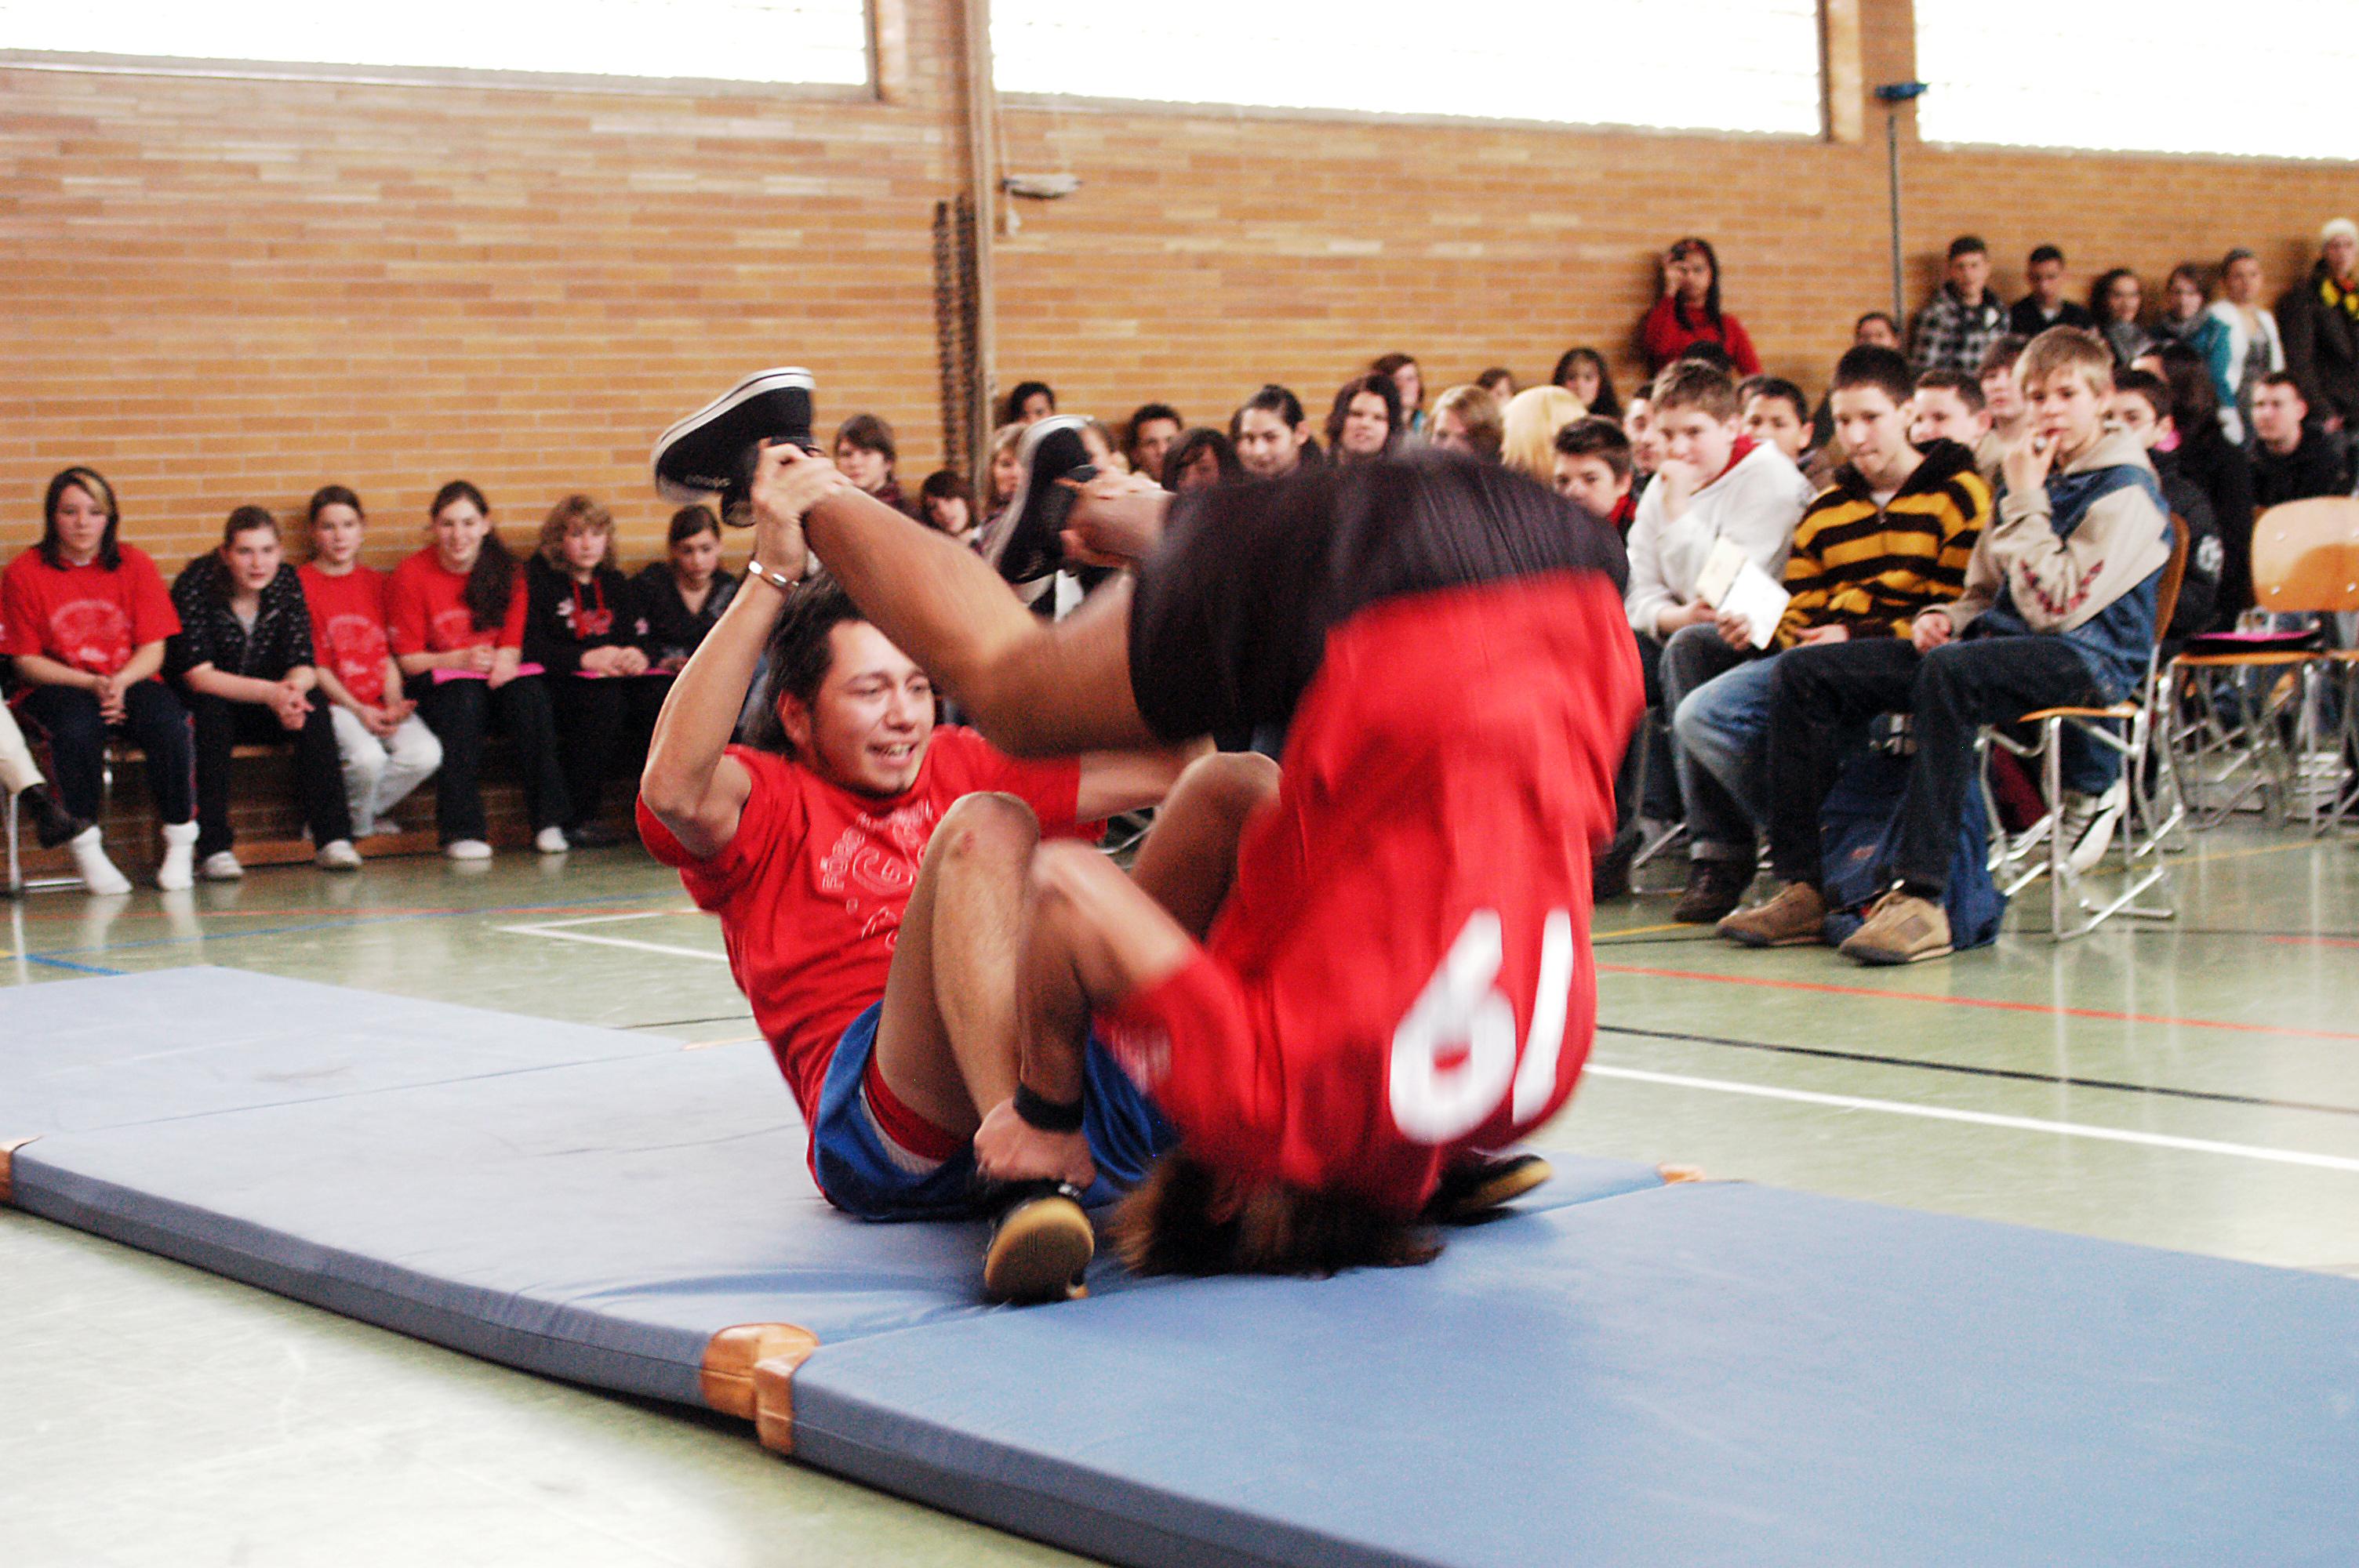 Wie viel Bewegung kommt in die Turnhallen-Frage? Mit Auslaufen der Hauptschule im Jahr 2016 stünde die einzige Rahmeder Sportstätte ebenfalls zur Dispositon.